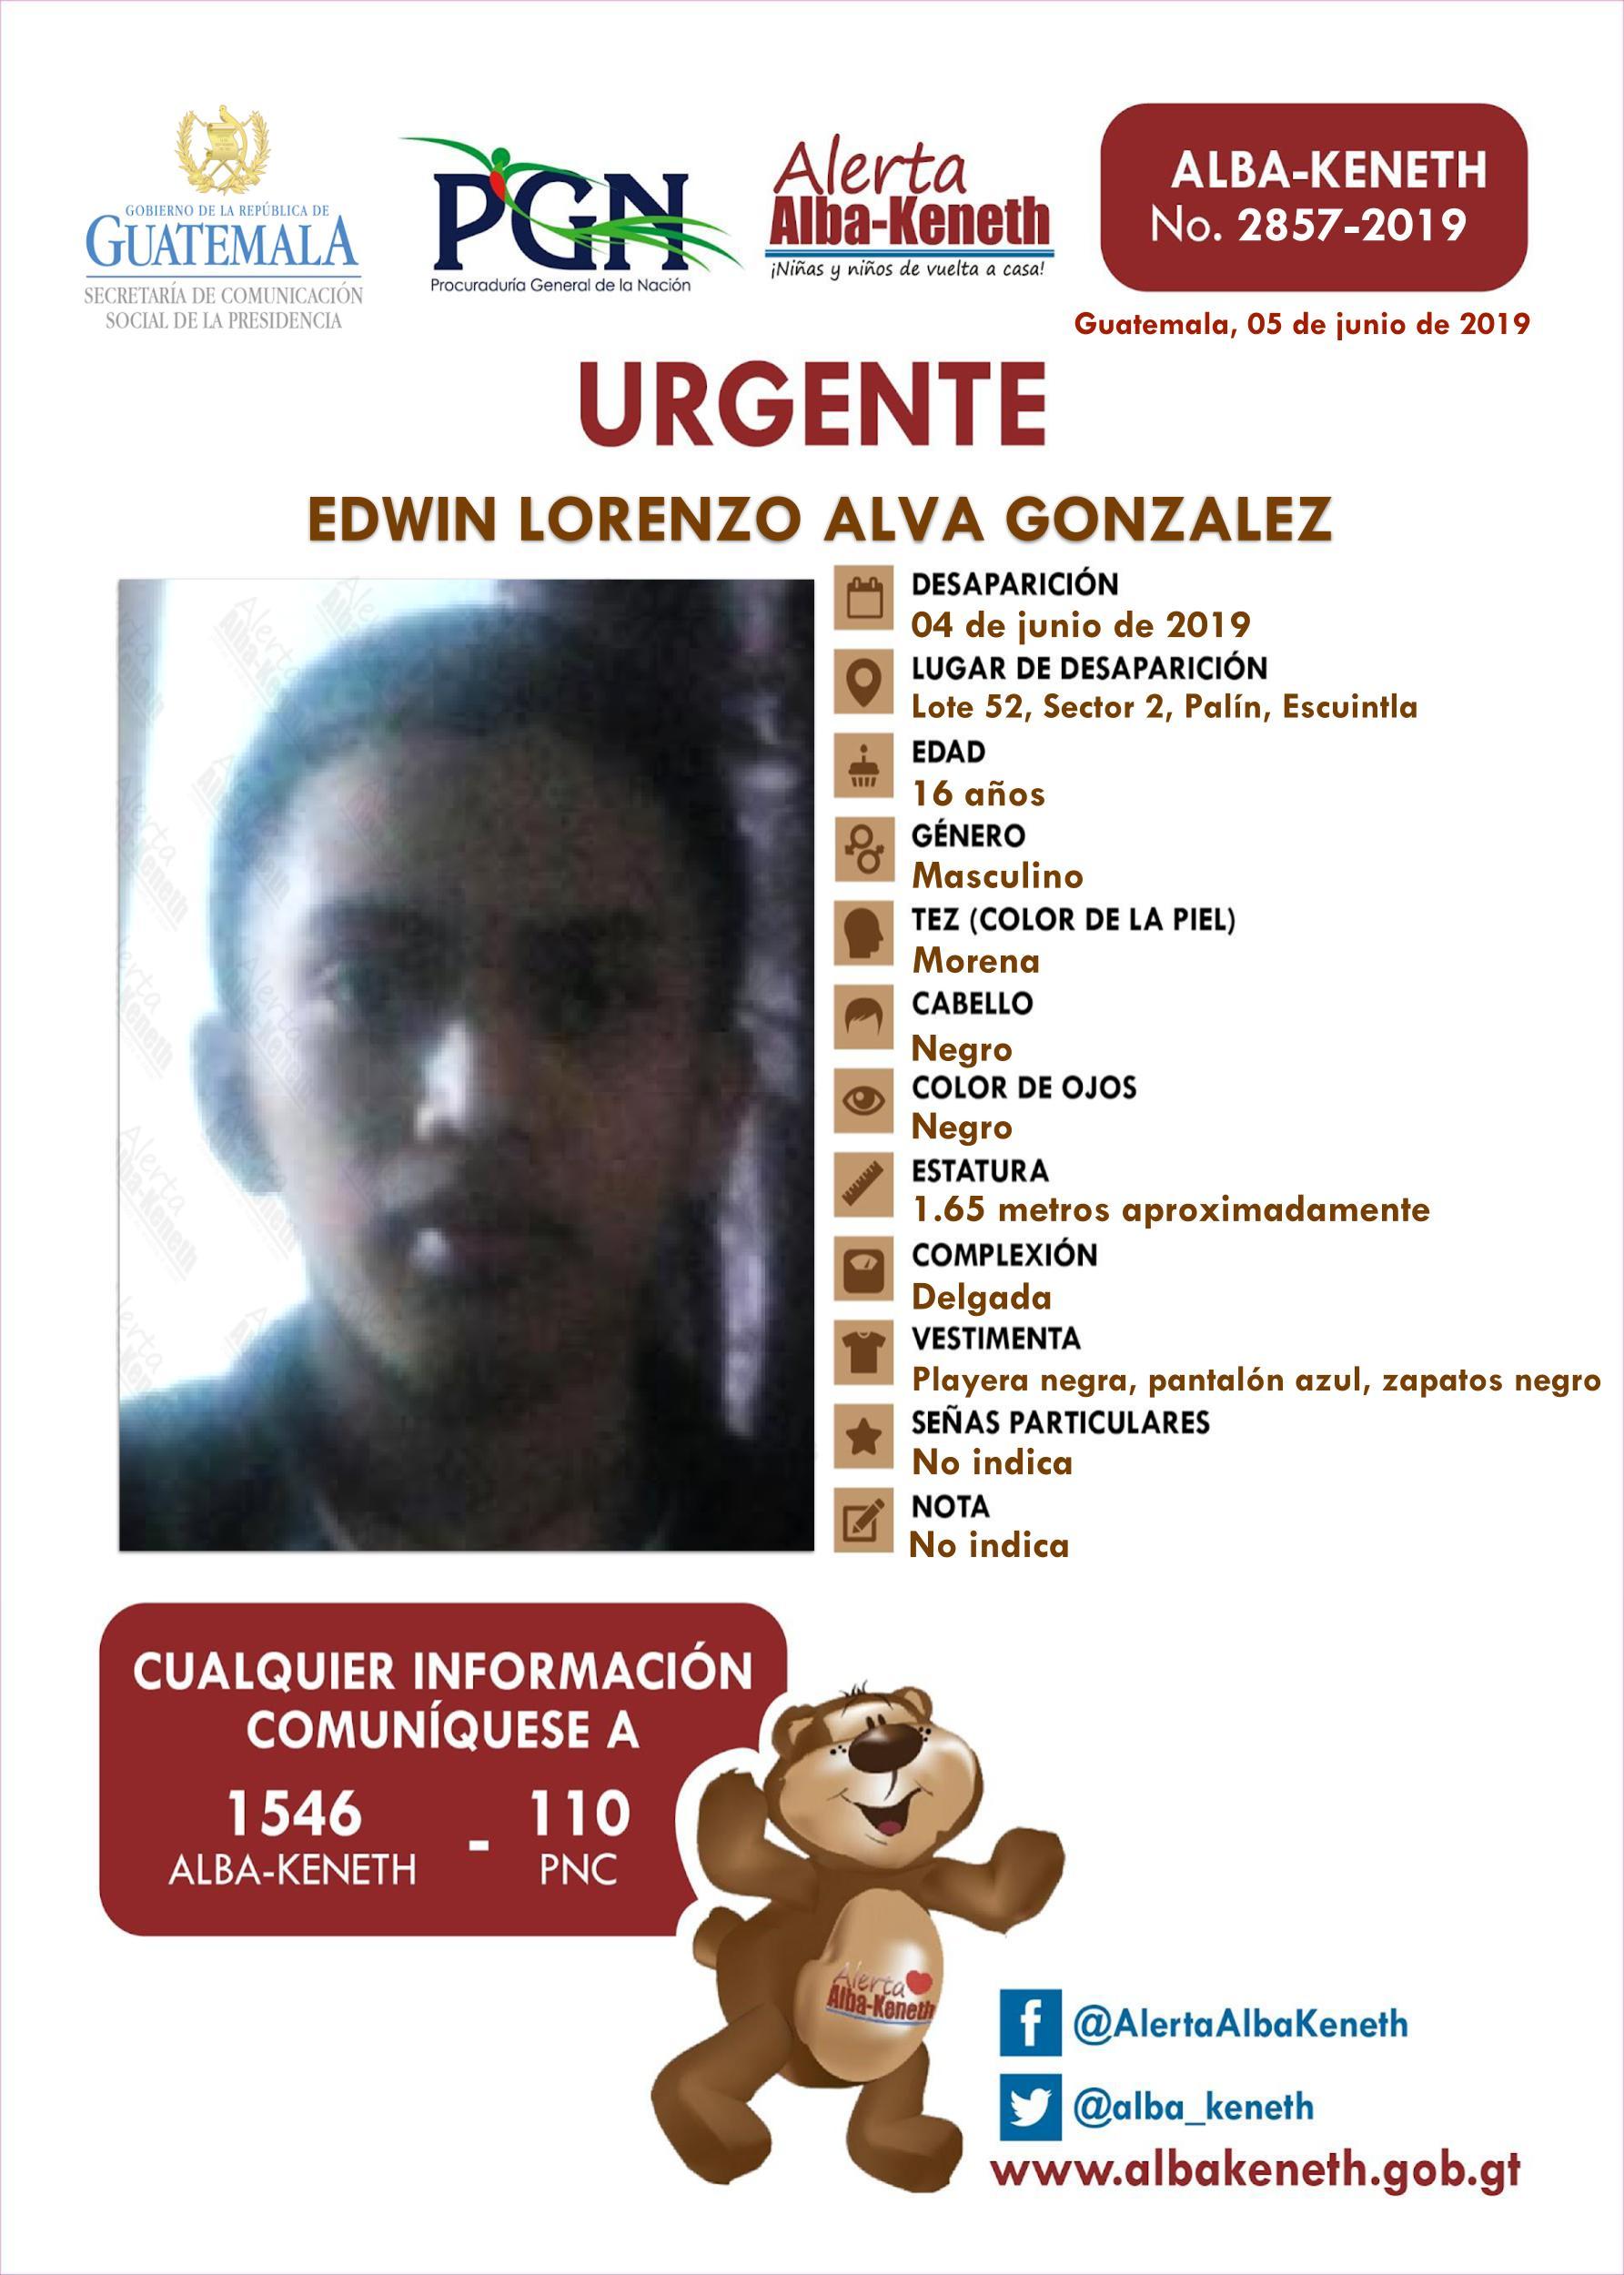 Edwin Lorenzo Alva Gonzalez